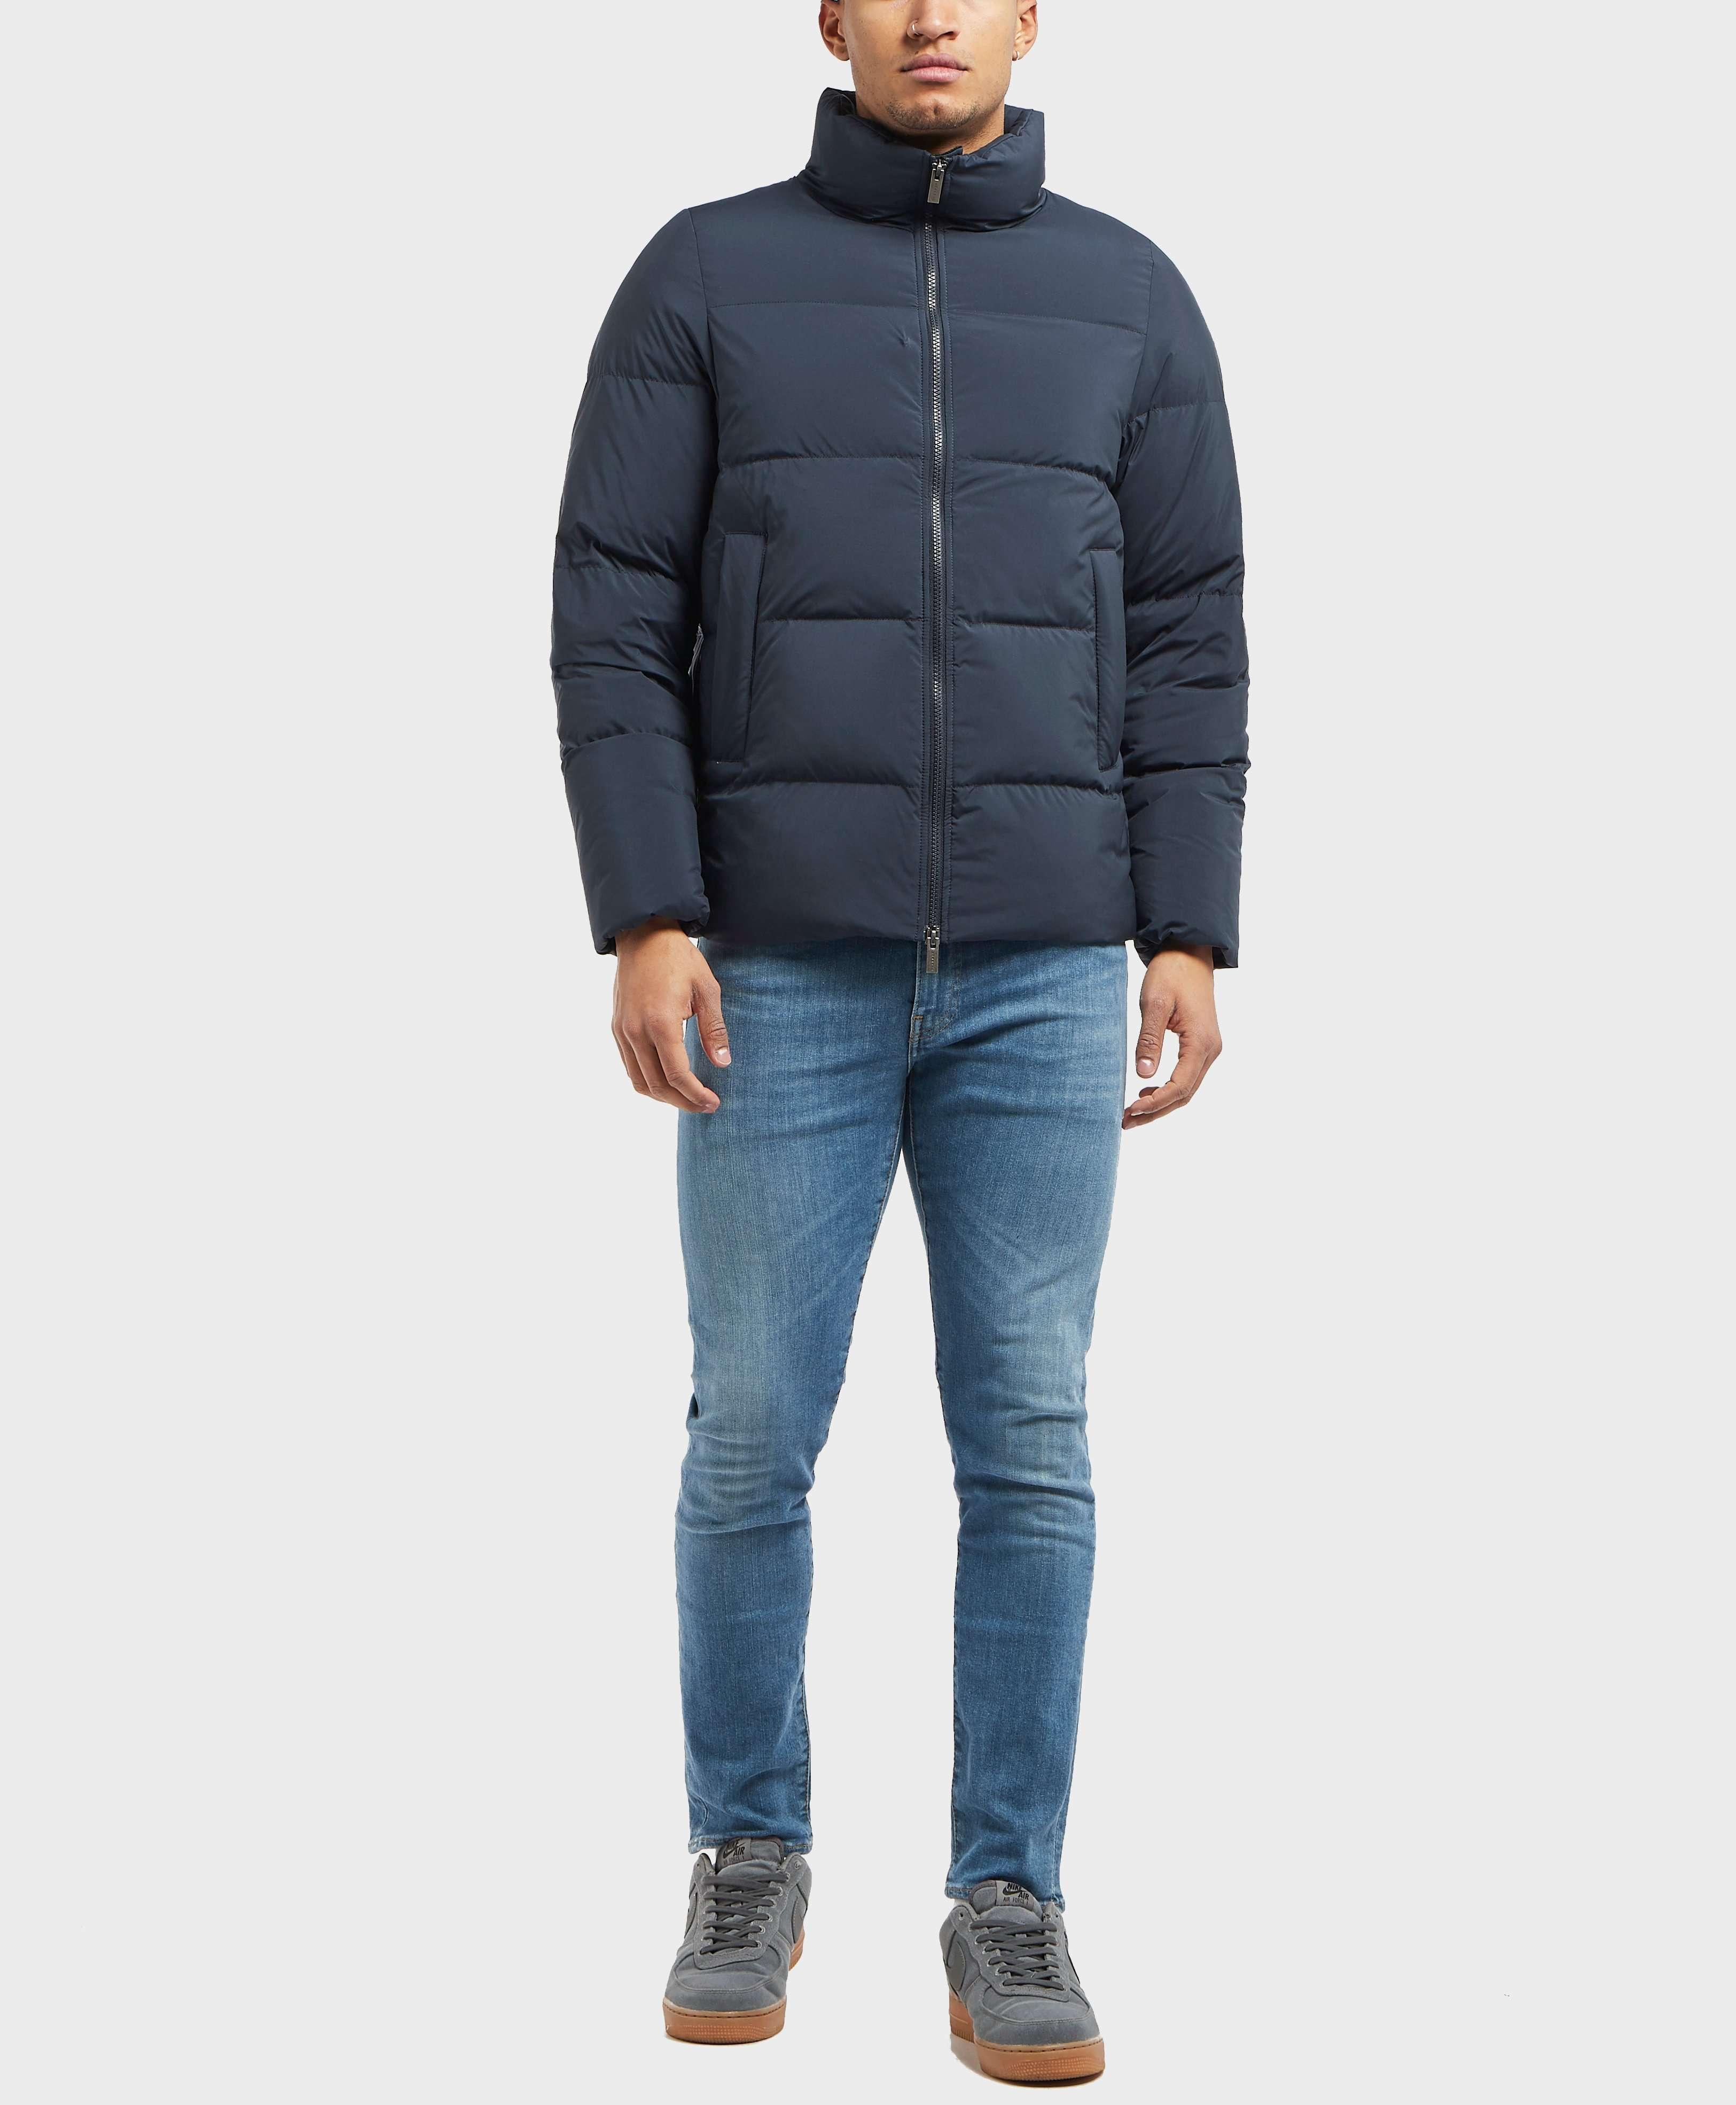 Pyrenex Kenneth Padded Jacket